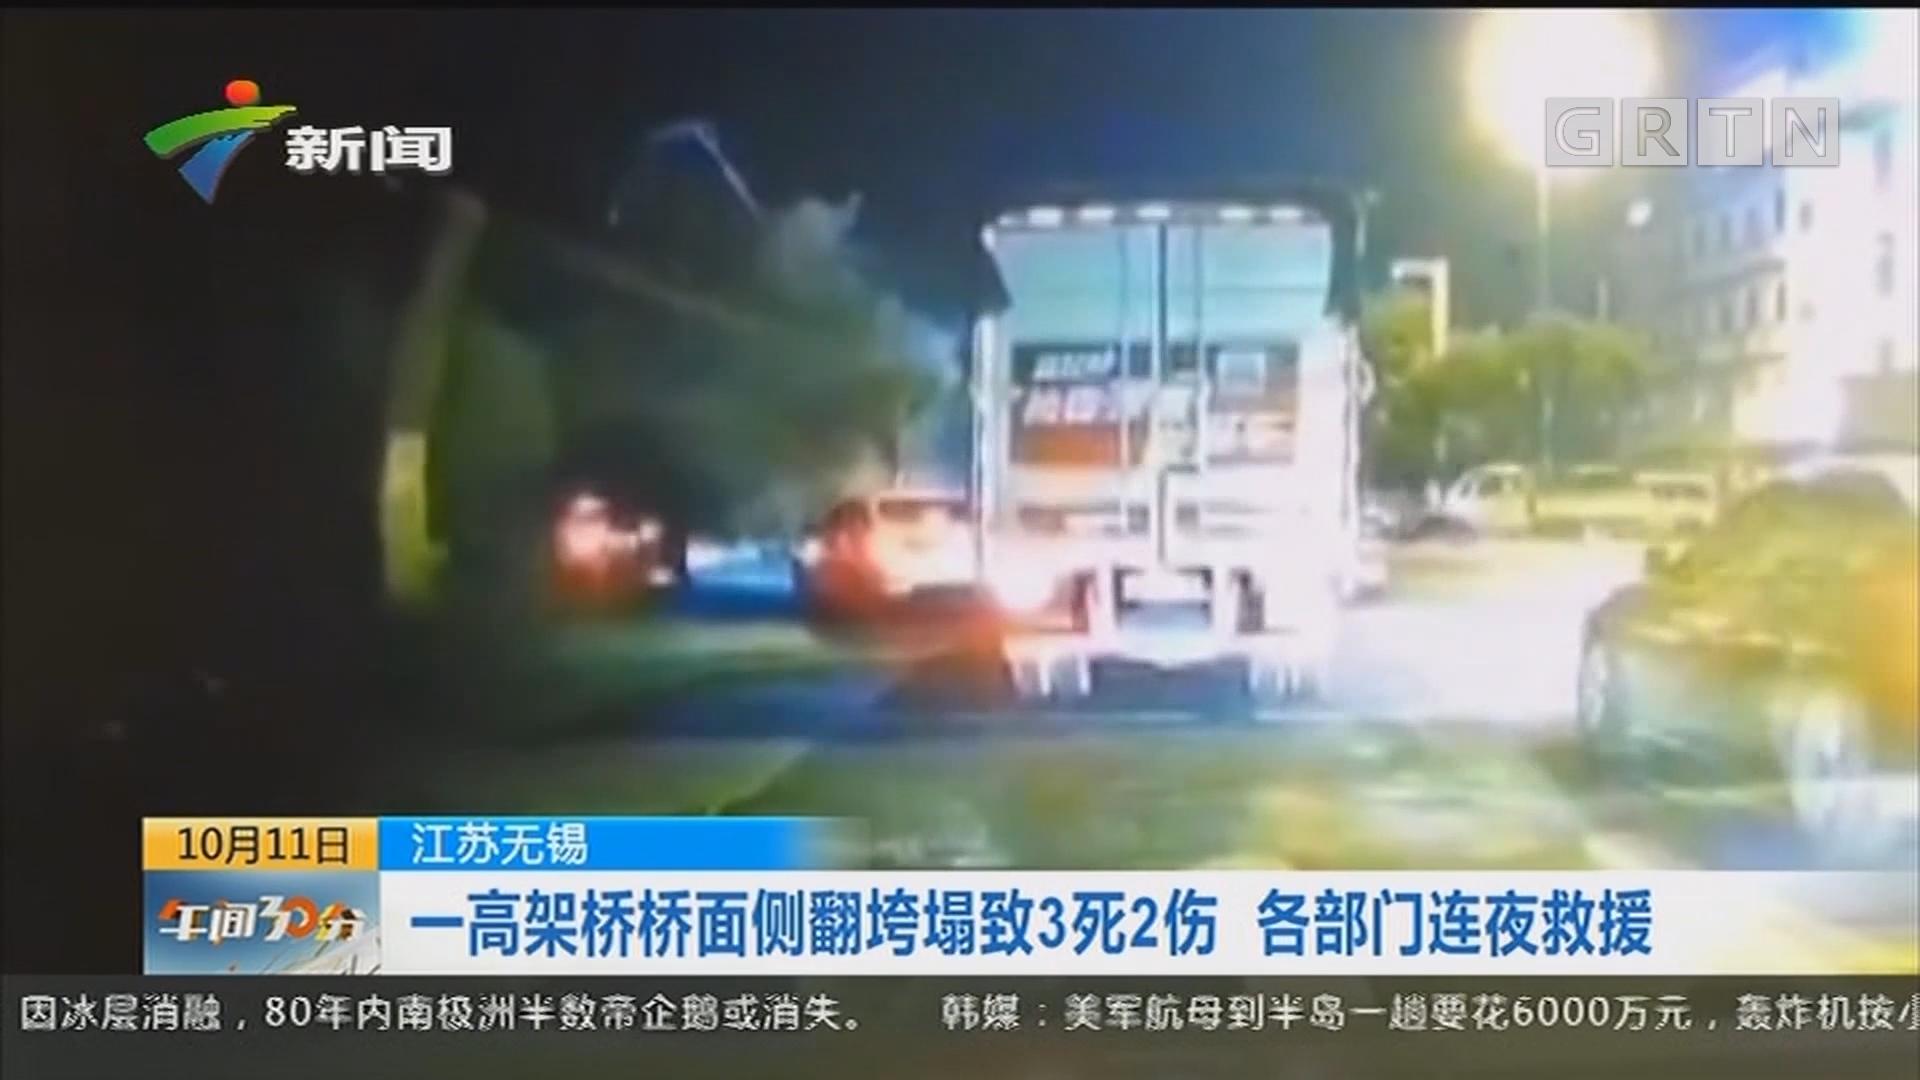 江苏无锡:一高架桥桥面侧翻垮塌致3死2伤 各部门连夜救援